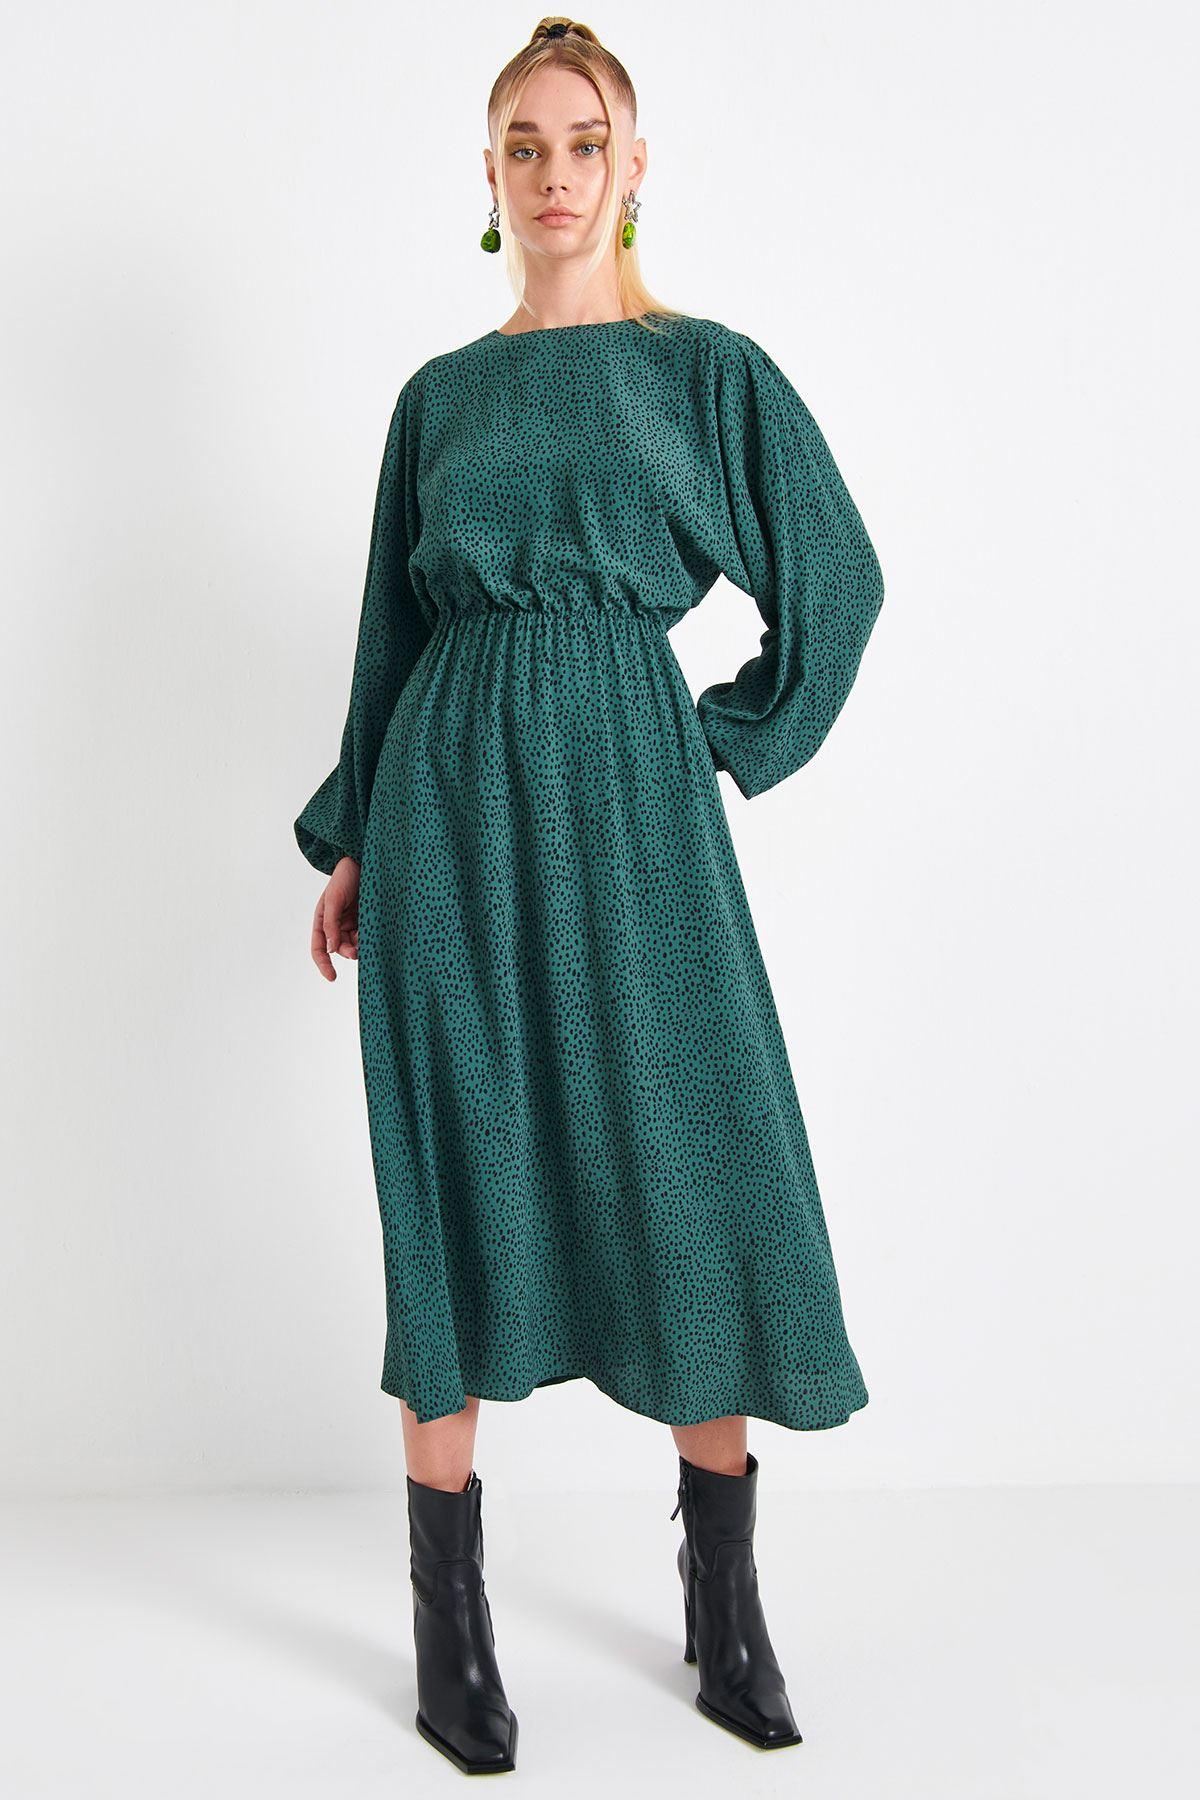 Puantiye Desenli Elbise Nefti Yeşili